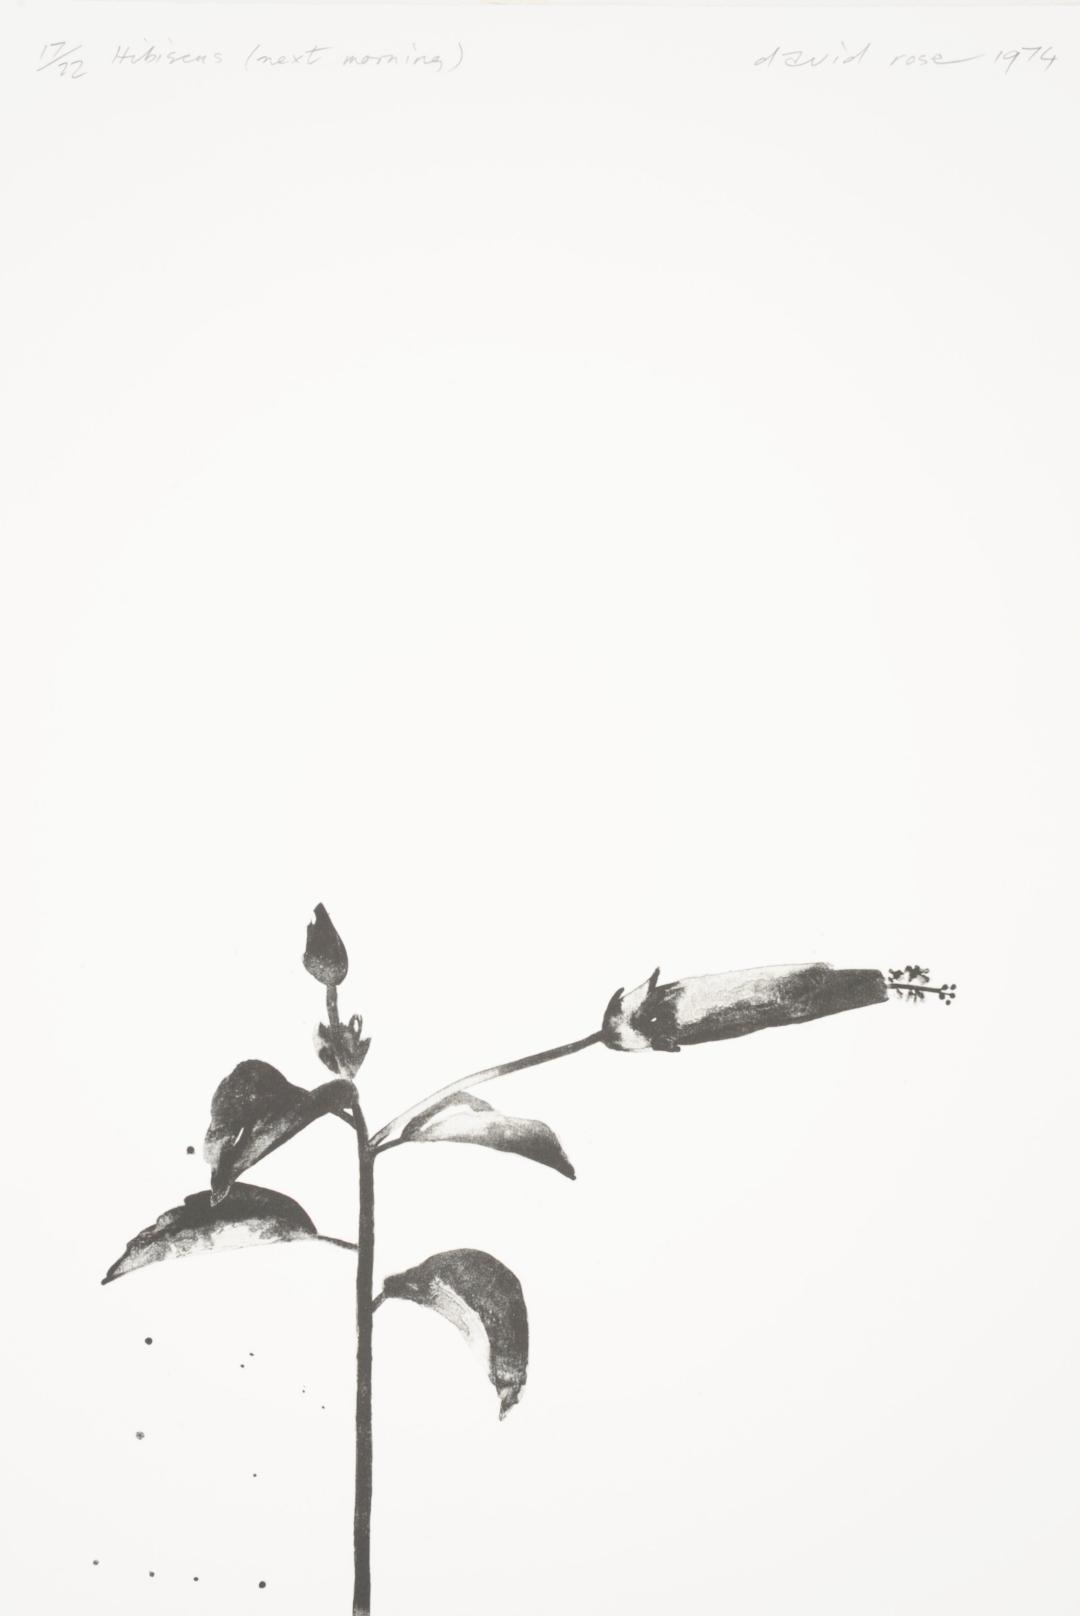 1974 Hibiscus (next morning).JPG